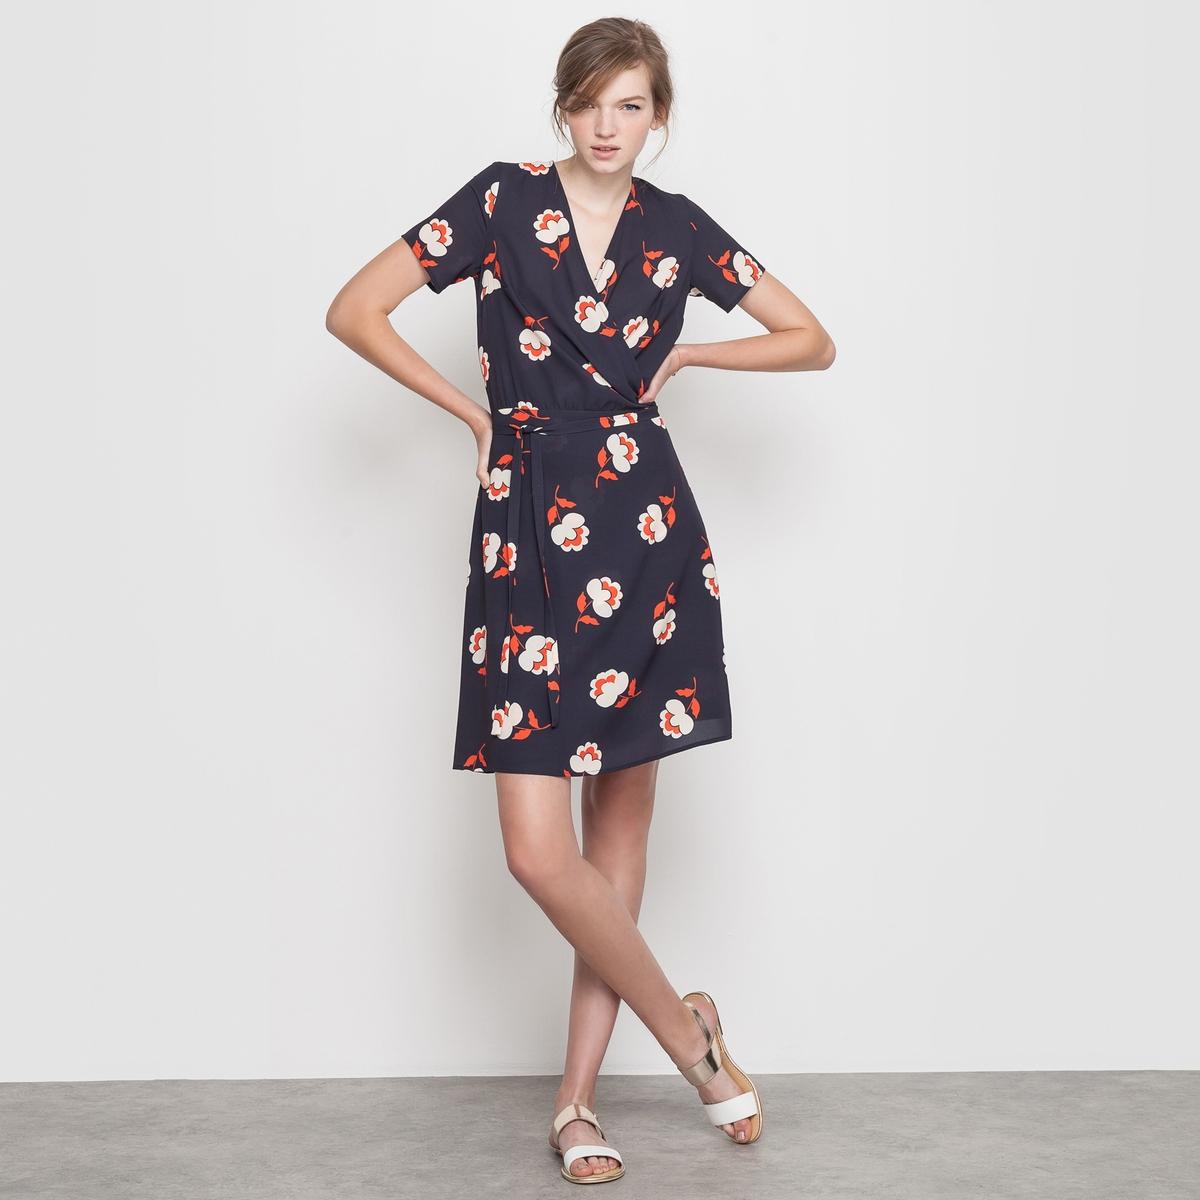 Платье с рисункомПлатье с рисунком, модель с нахлёстом. Ультра женственная модель с V-образным вырезом и нахлёстом спереди. Короткие рукава. Пояс с завязками сбоку.Состав и описаниеМатериал: 97% полиэстера, 3% эластанаДлина 95 смБренд: Mademoiselle R<br><br>Цвет: красный наб. рисунок,синий/наб. рисунок<br>Размер: 34 (FR) - 40 (RUS).42 (FR) - 48 (RUS)